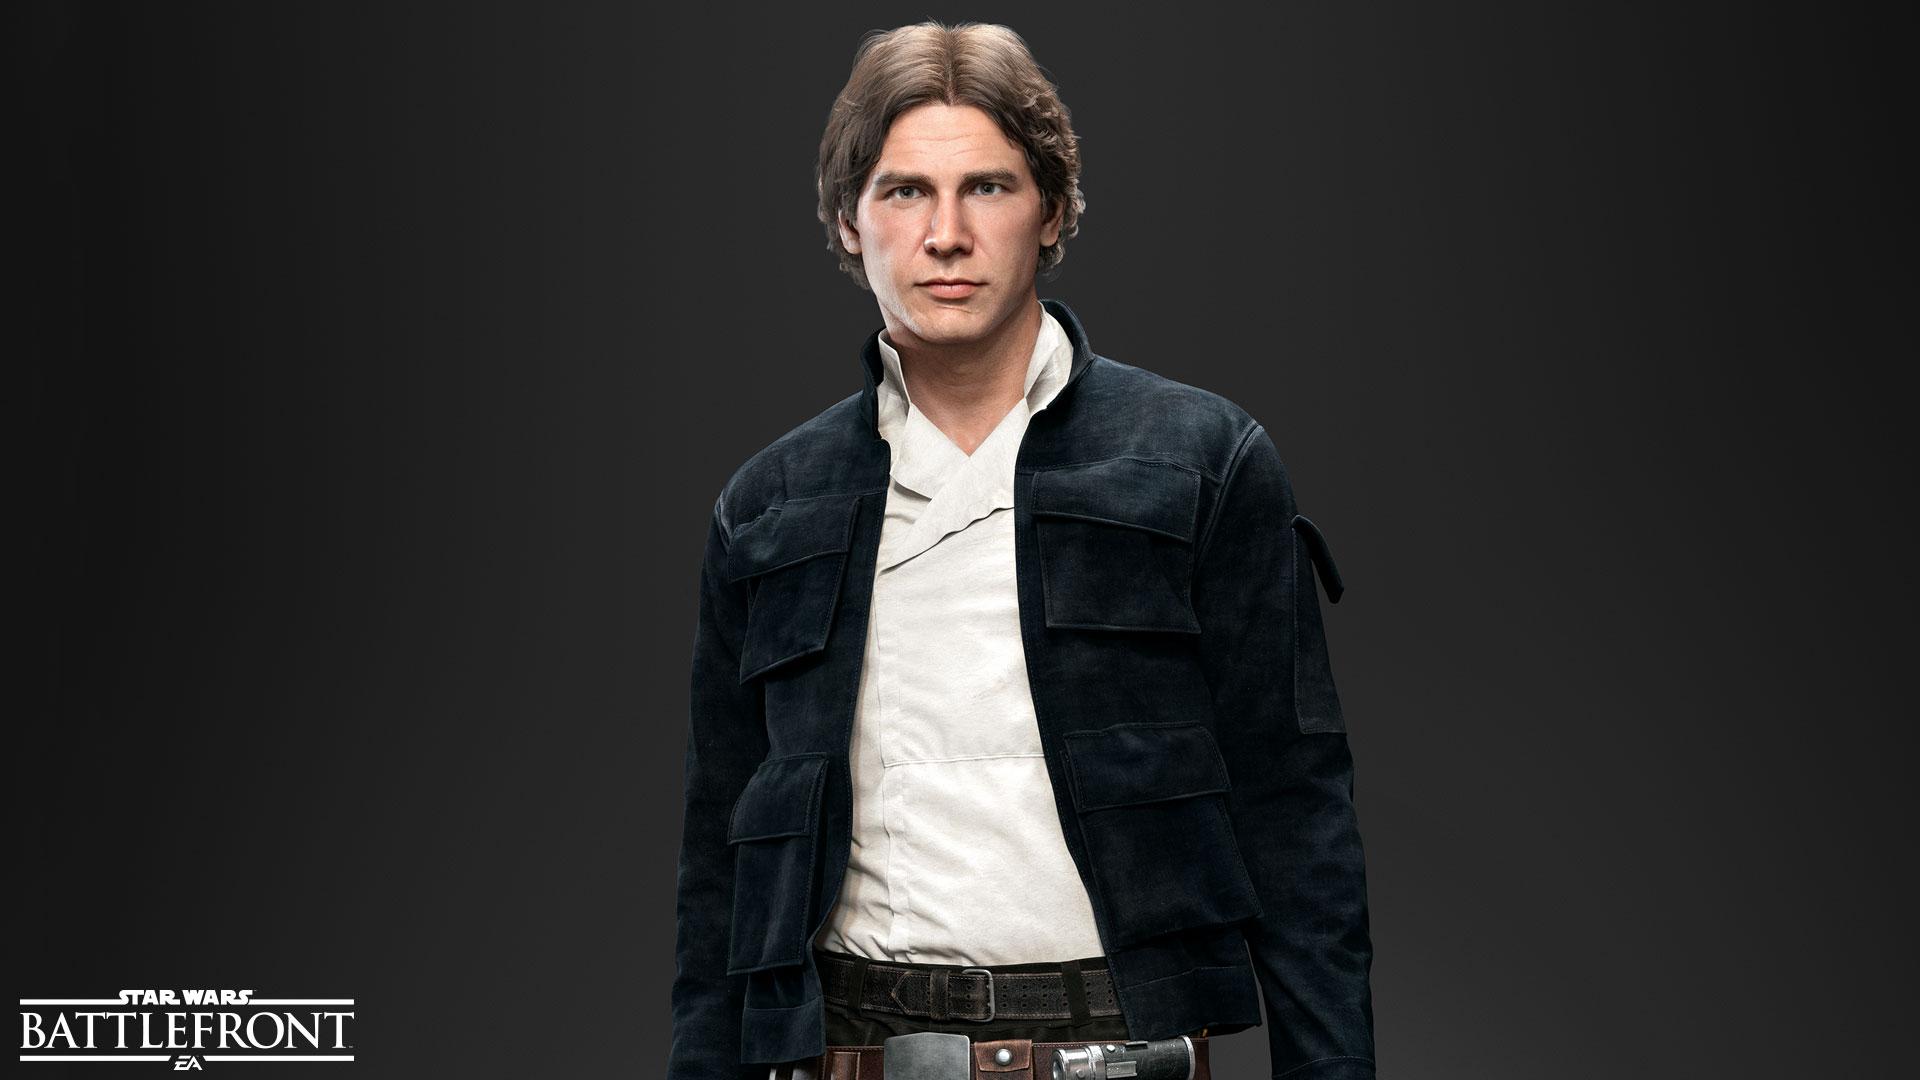 Ve Star Wars: Battlefront se opravdu objeví Han Solo, Leia Organa a císař Palpatine 115254